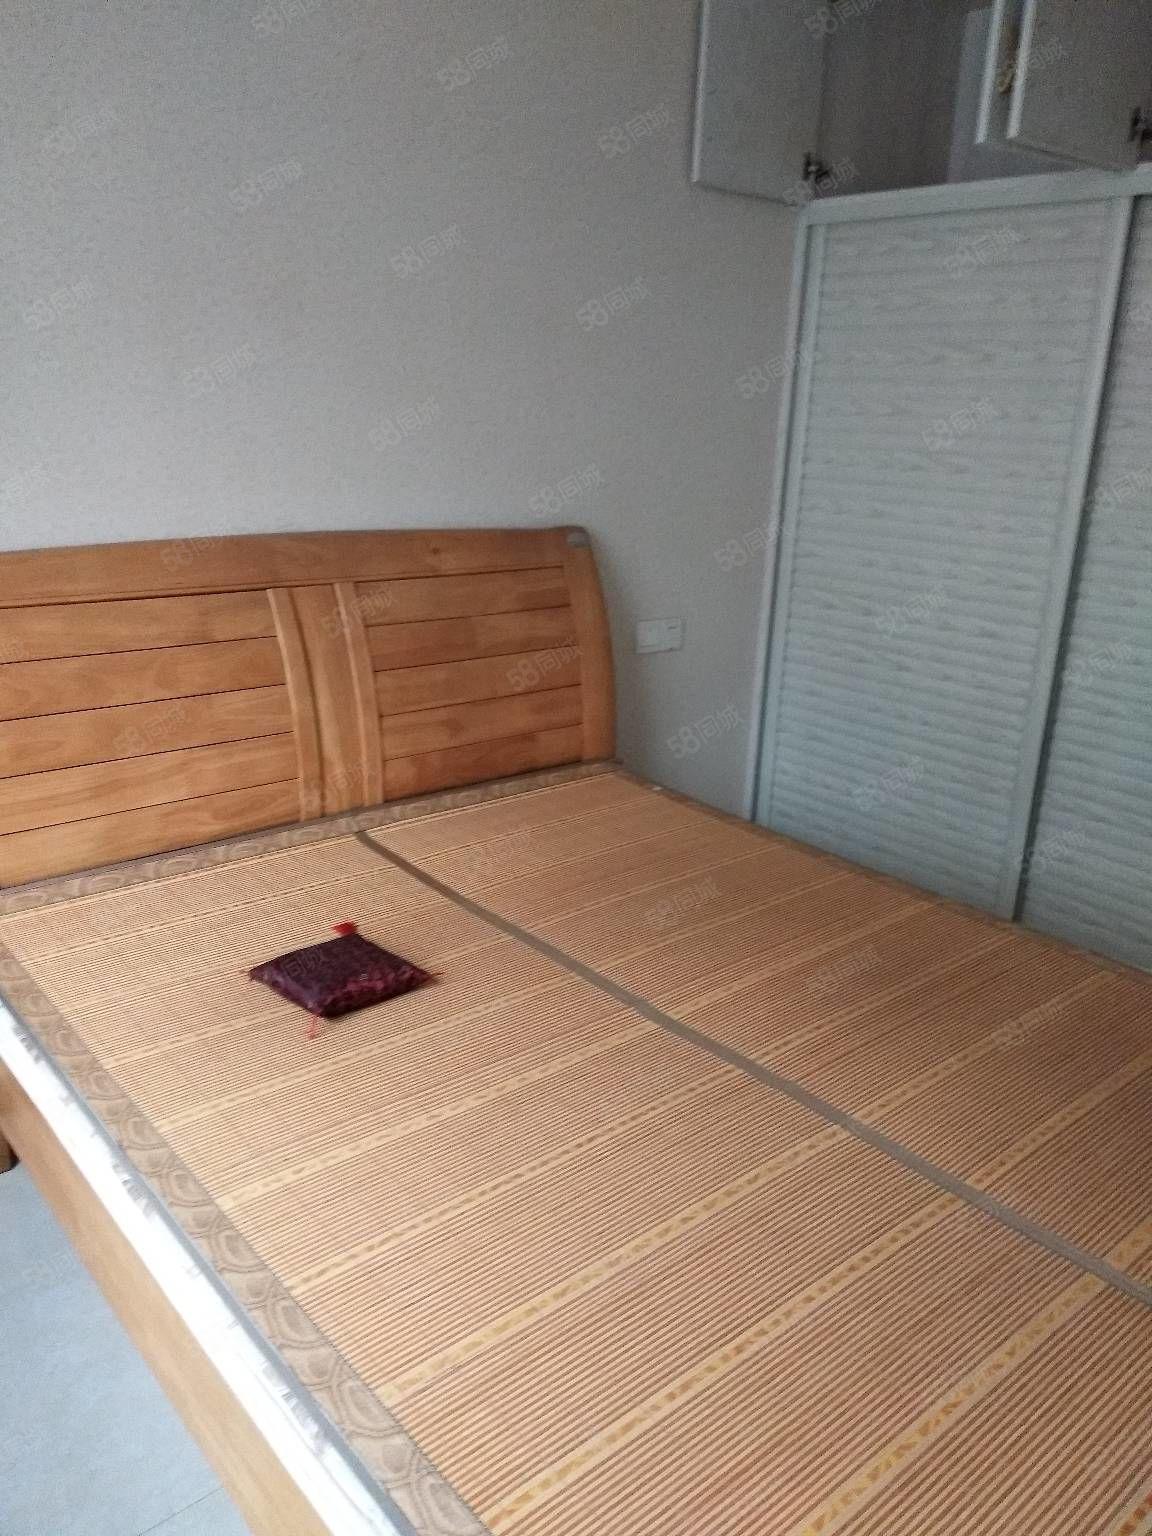 教育二区6楼有床,沙发,空调,热水器,暖气